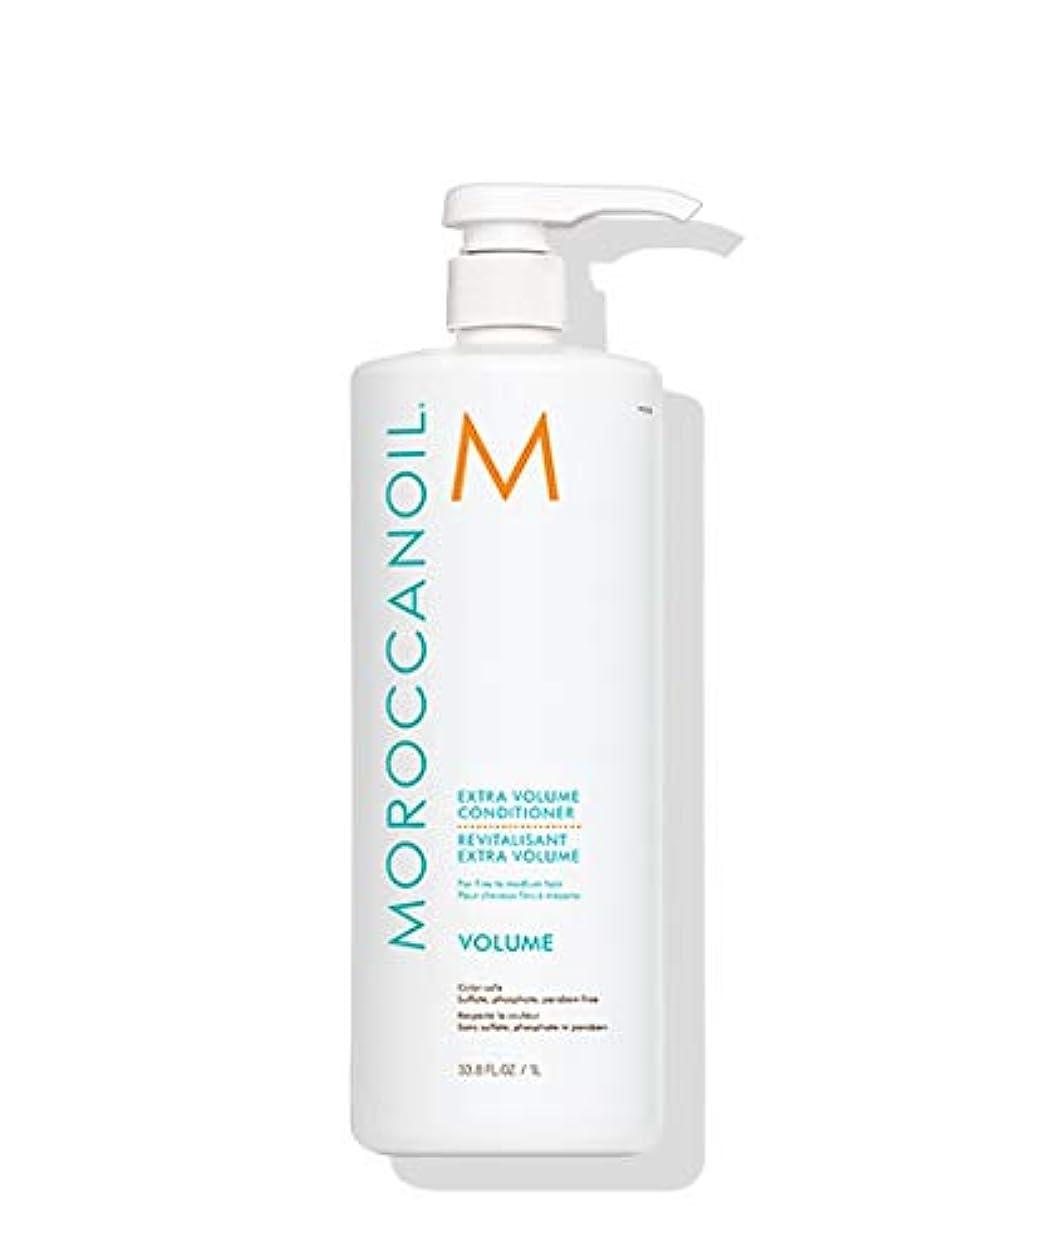 マウンド指動機モロッカンオイル(MOROCCANOIL) モロッカンオイル エクストラ ボリューム コンディショナー 1000ml/33.8oz[並行輸入品]